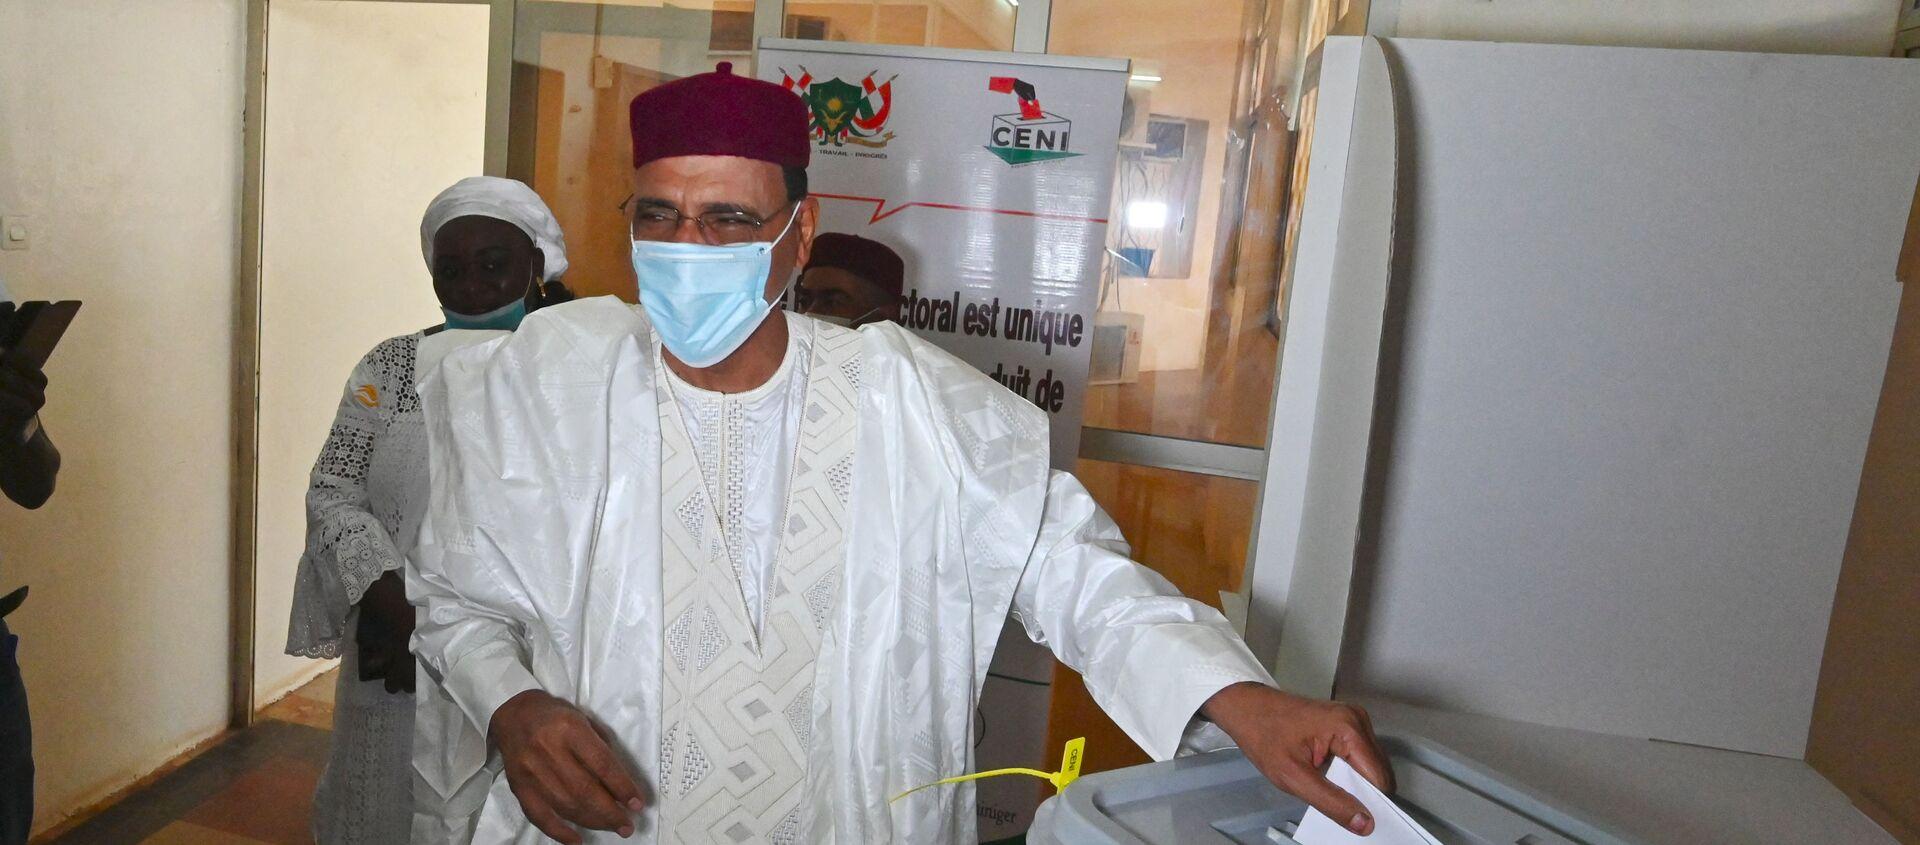 Le candidat à la présidentielle nigérienne Mohamed Bazoum en train de voter - Sputnik France, 1920, 09.02.2021